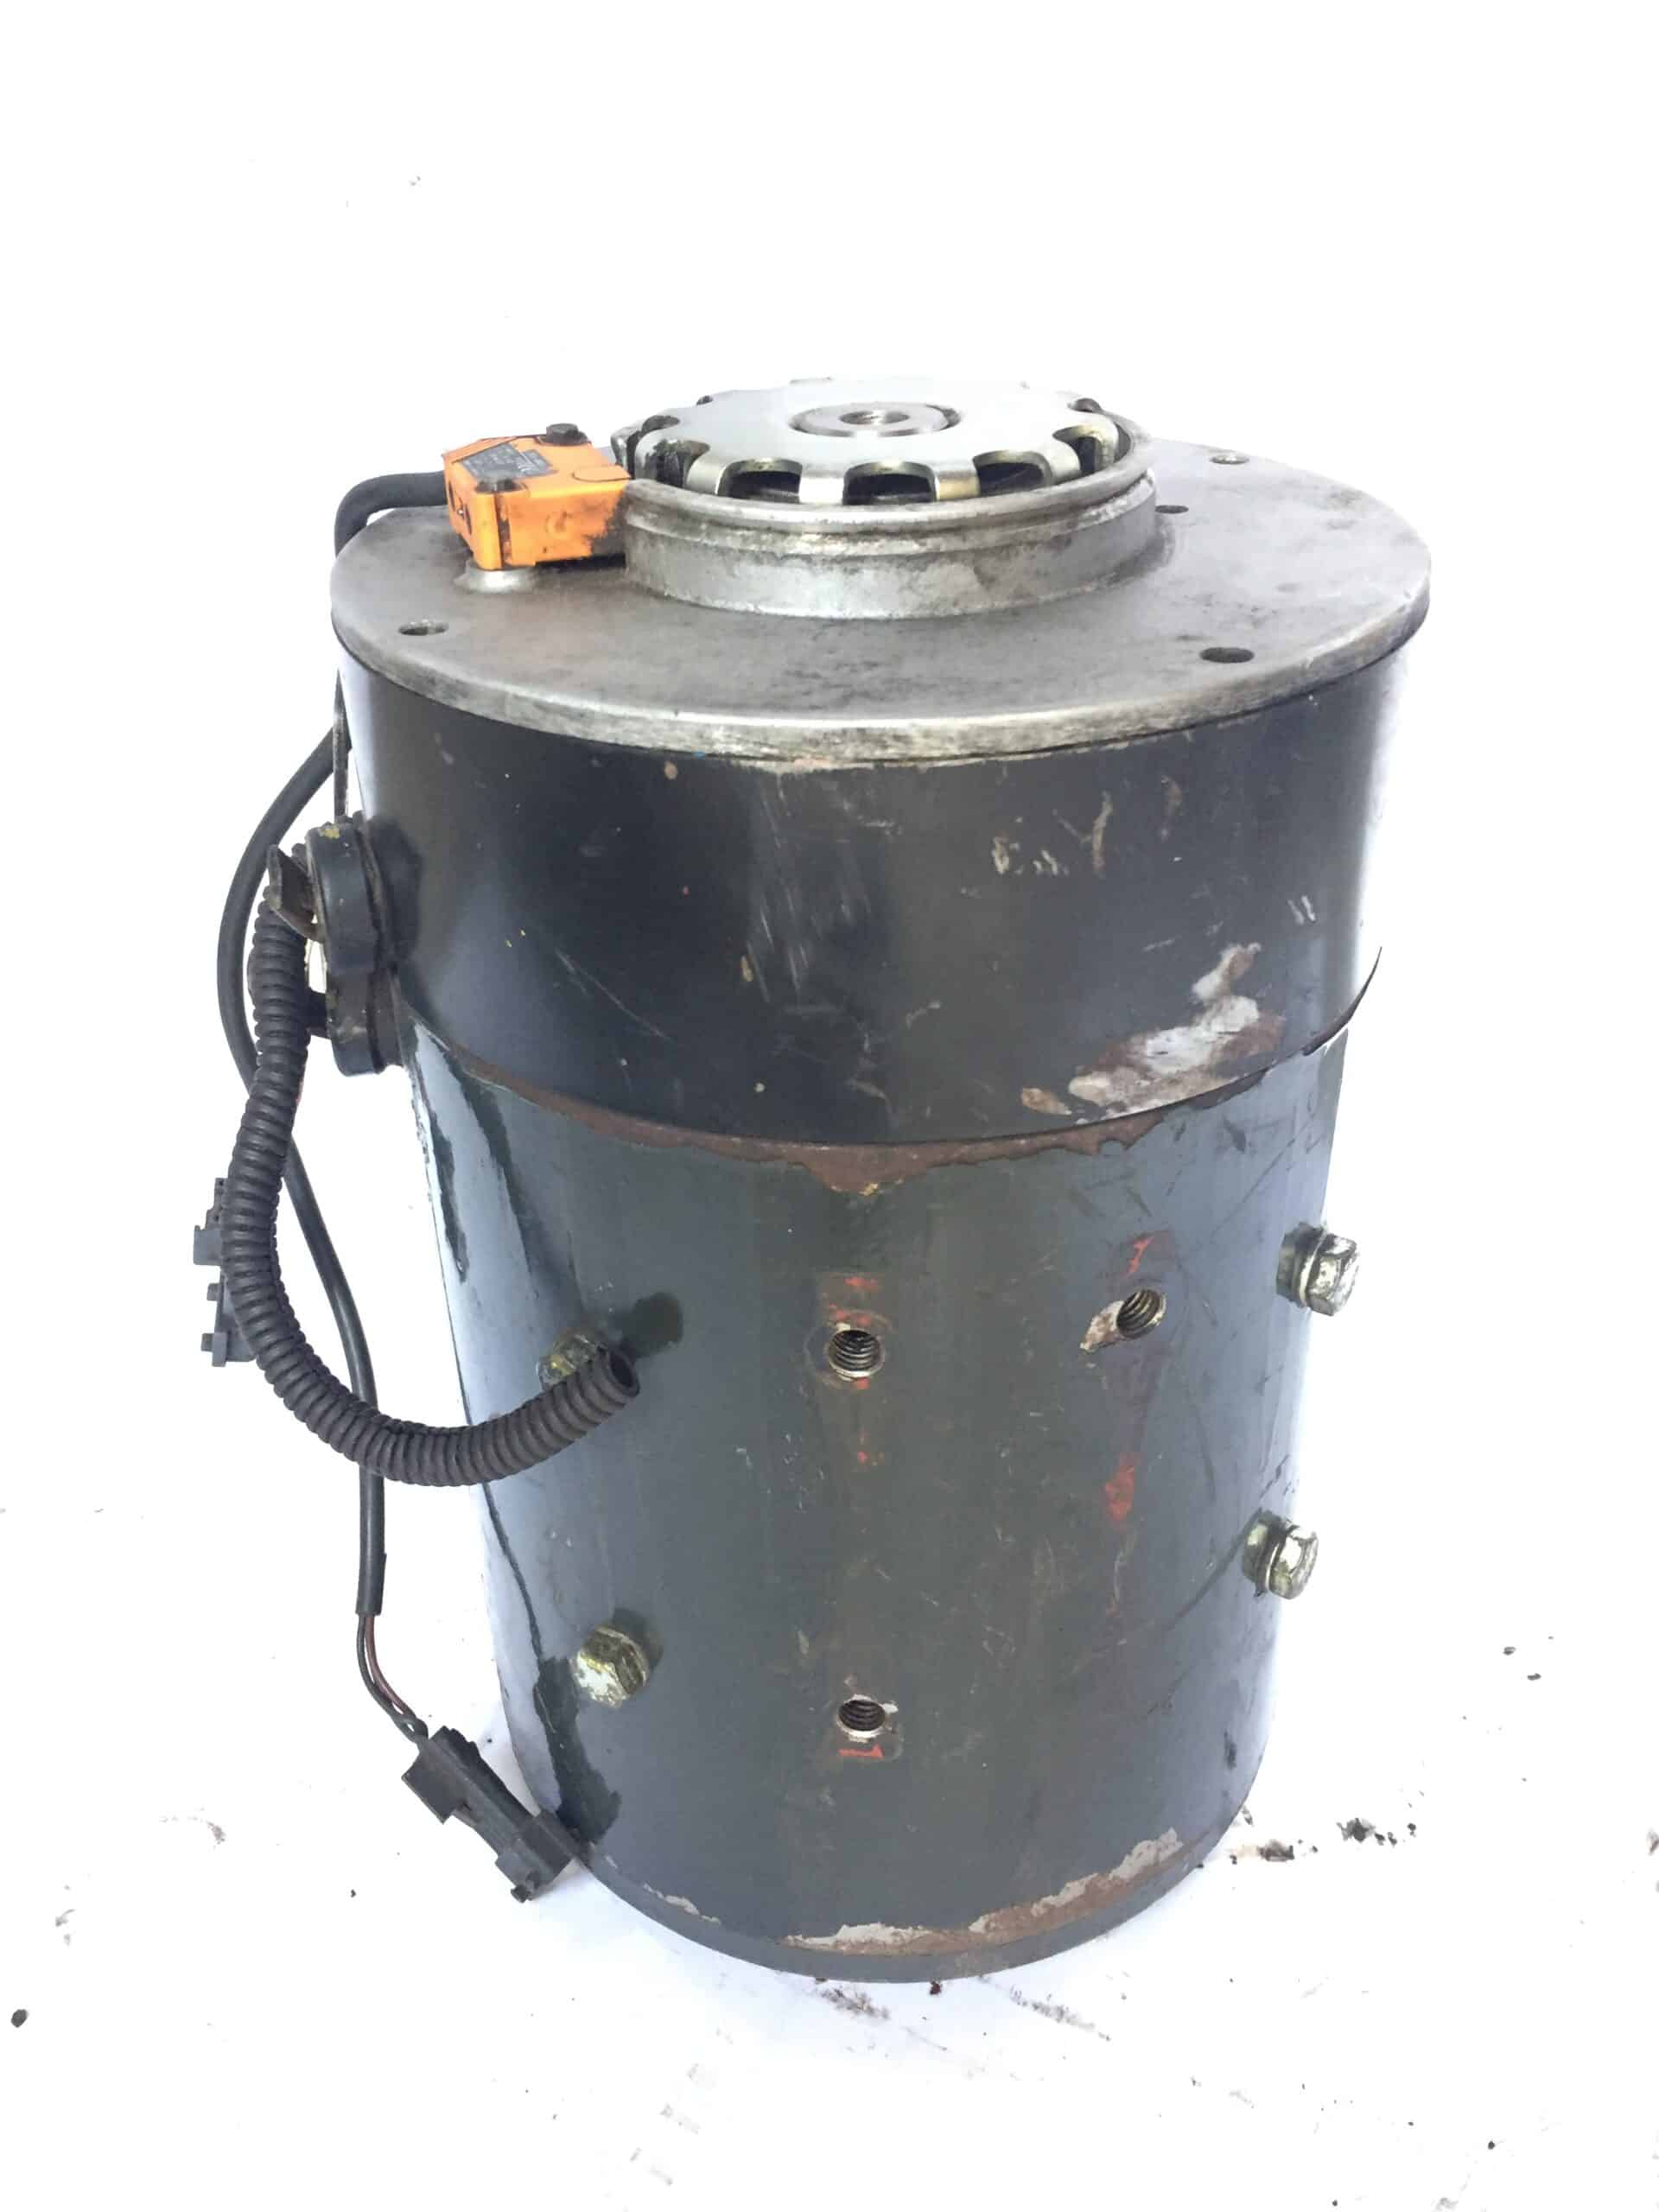 | Hydraulic pump ex. | Fazl-e-Rasheed and Company October 2021